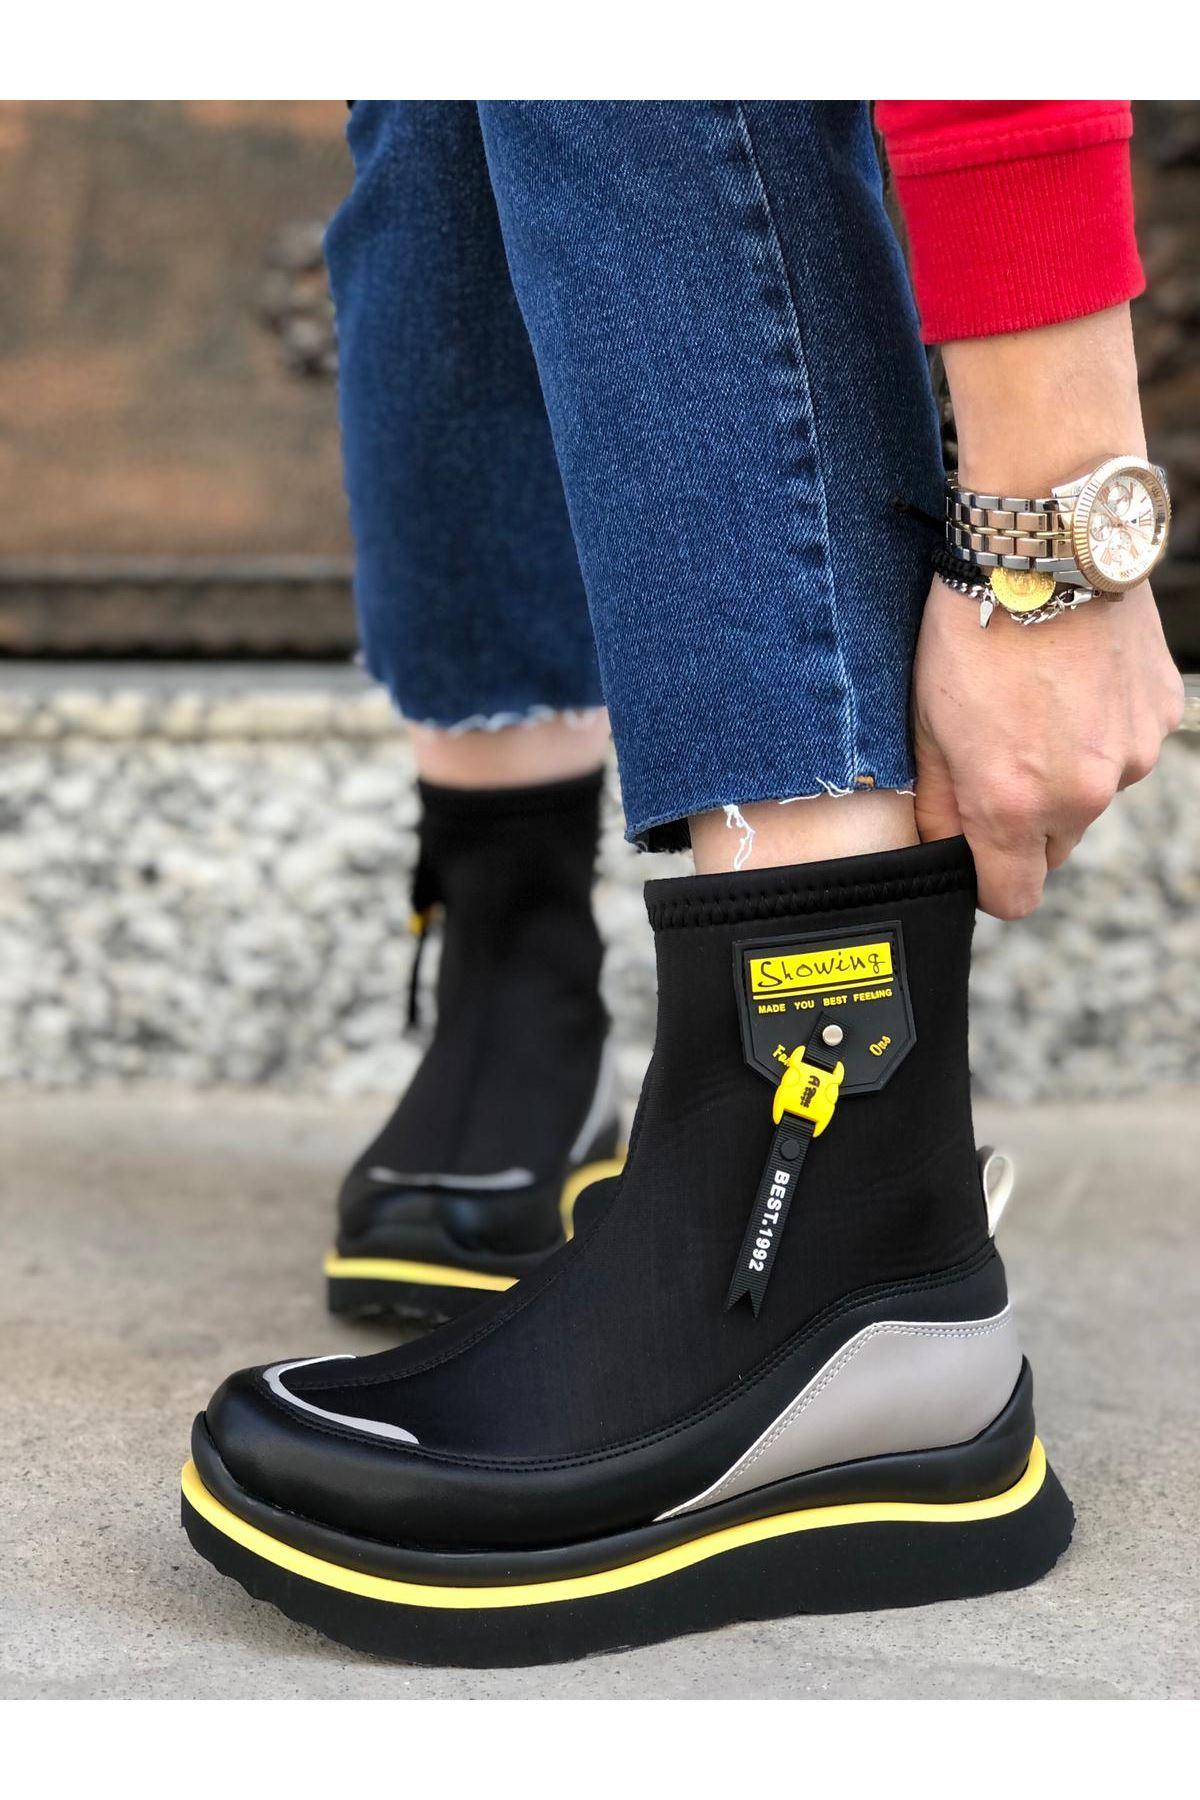 Show Dalgıç Kumaş Sarı Armalı Siyah Çekme Kadın Bot